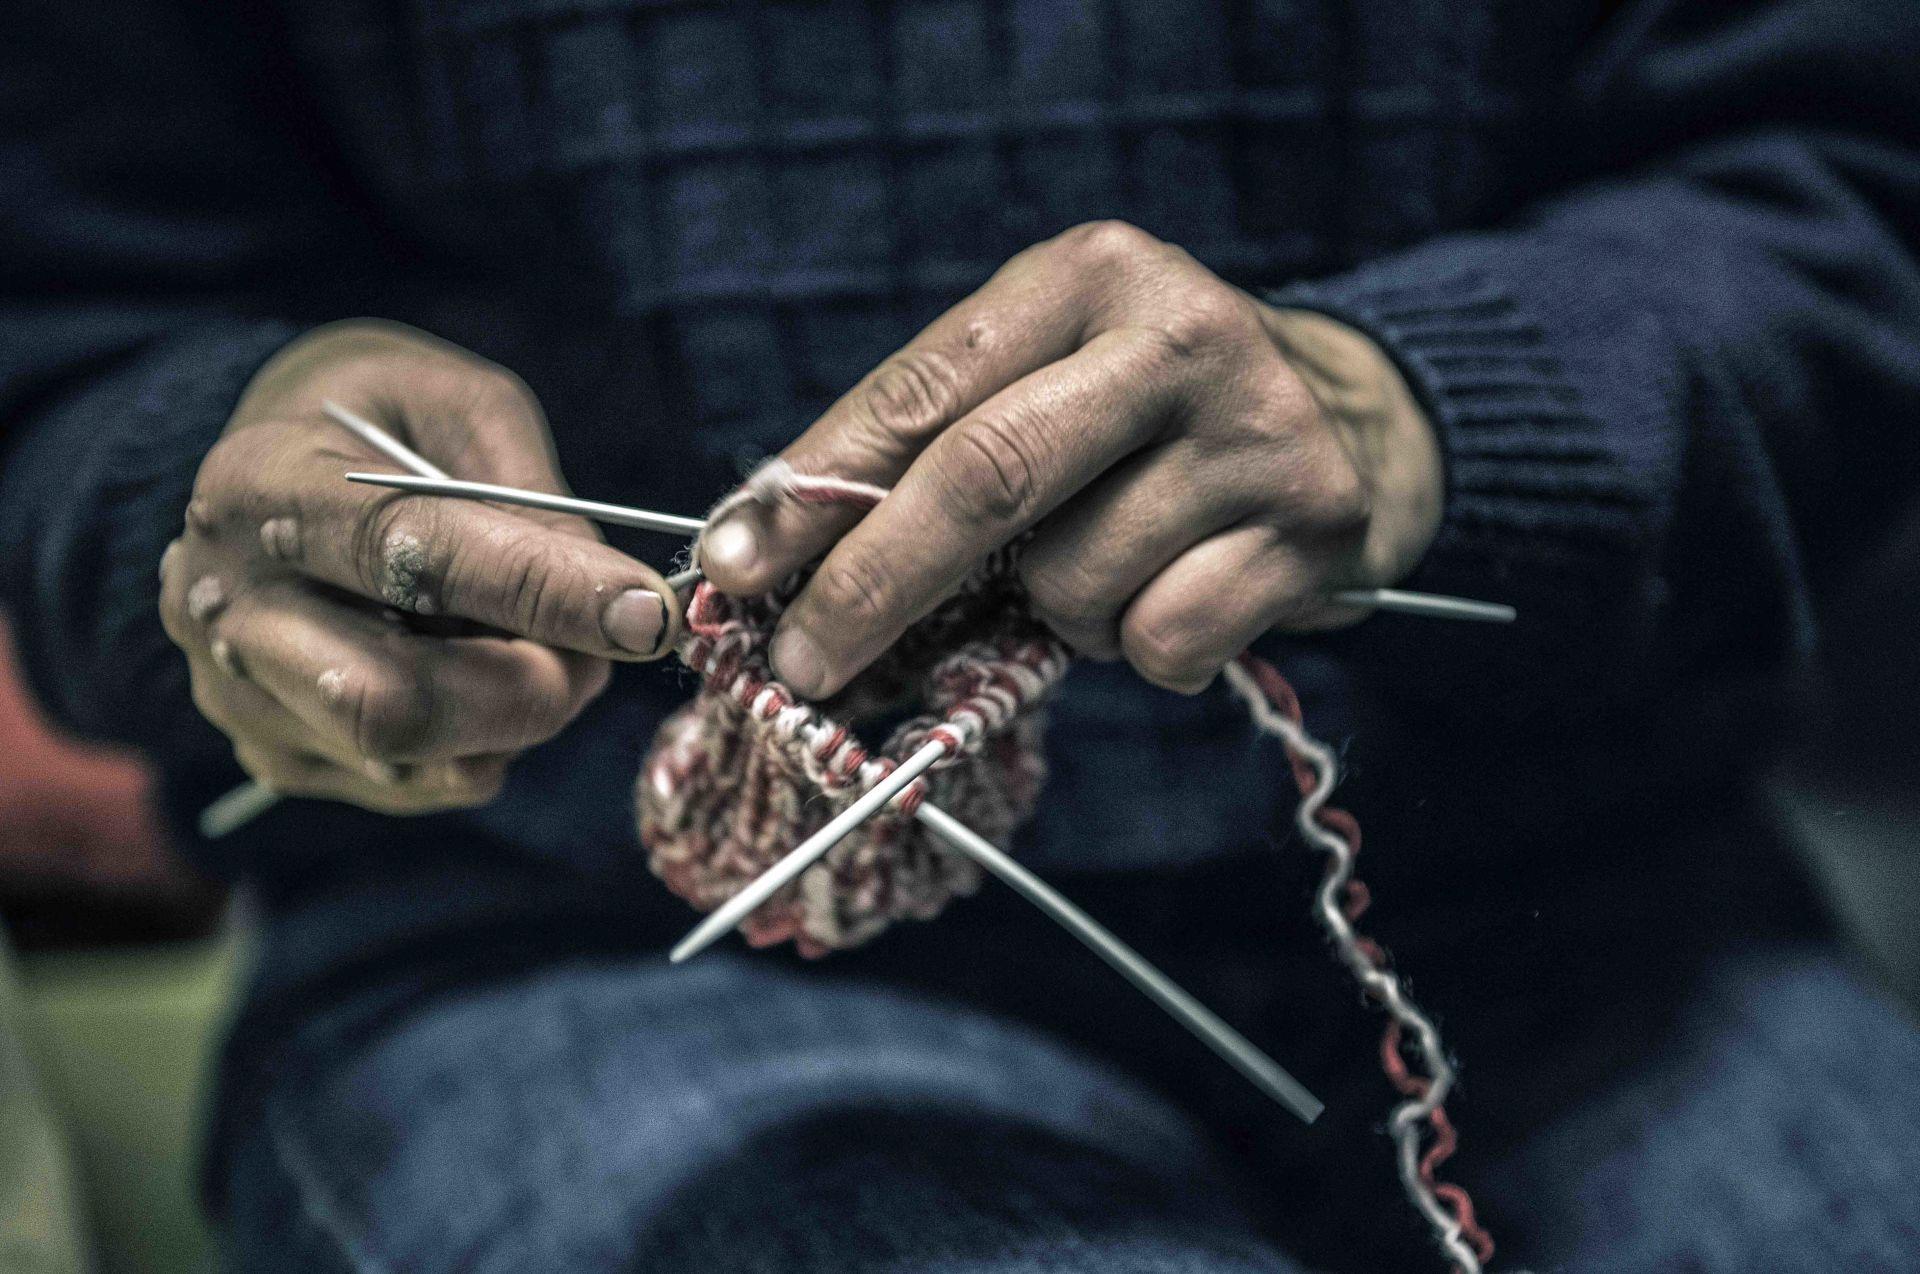 Vanha nainen neuloo villasukkaa.